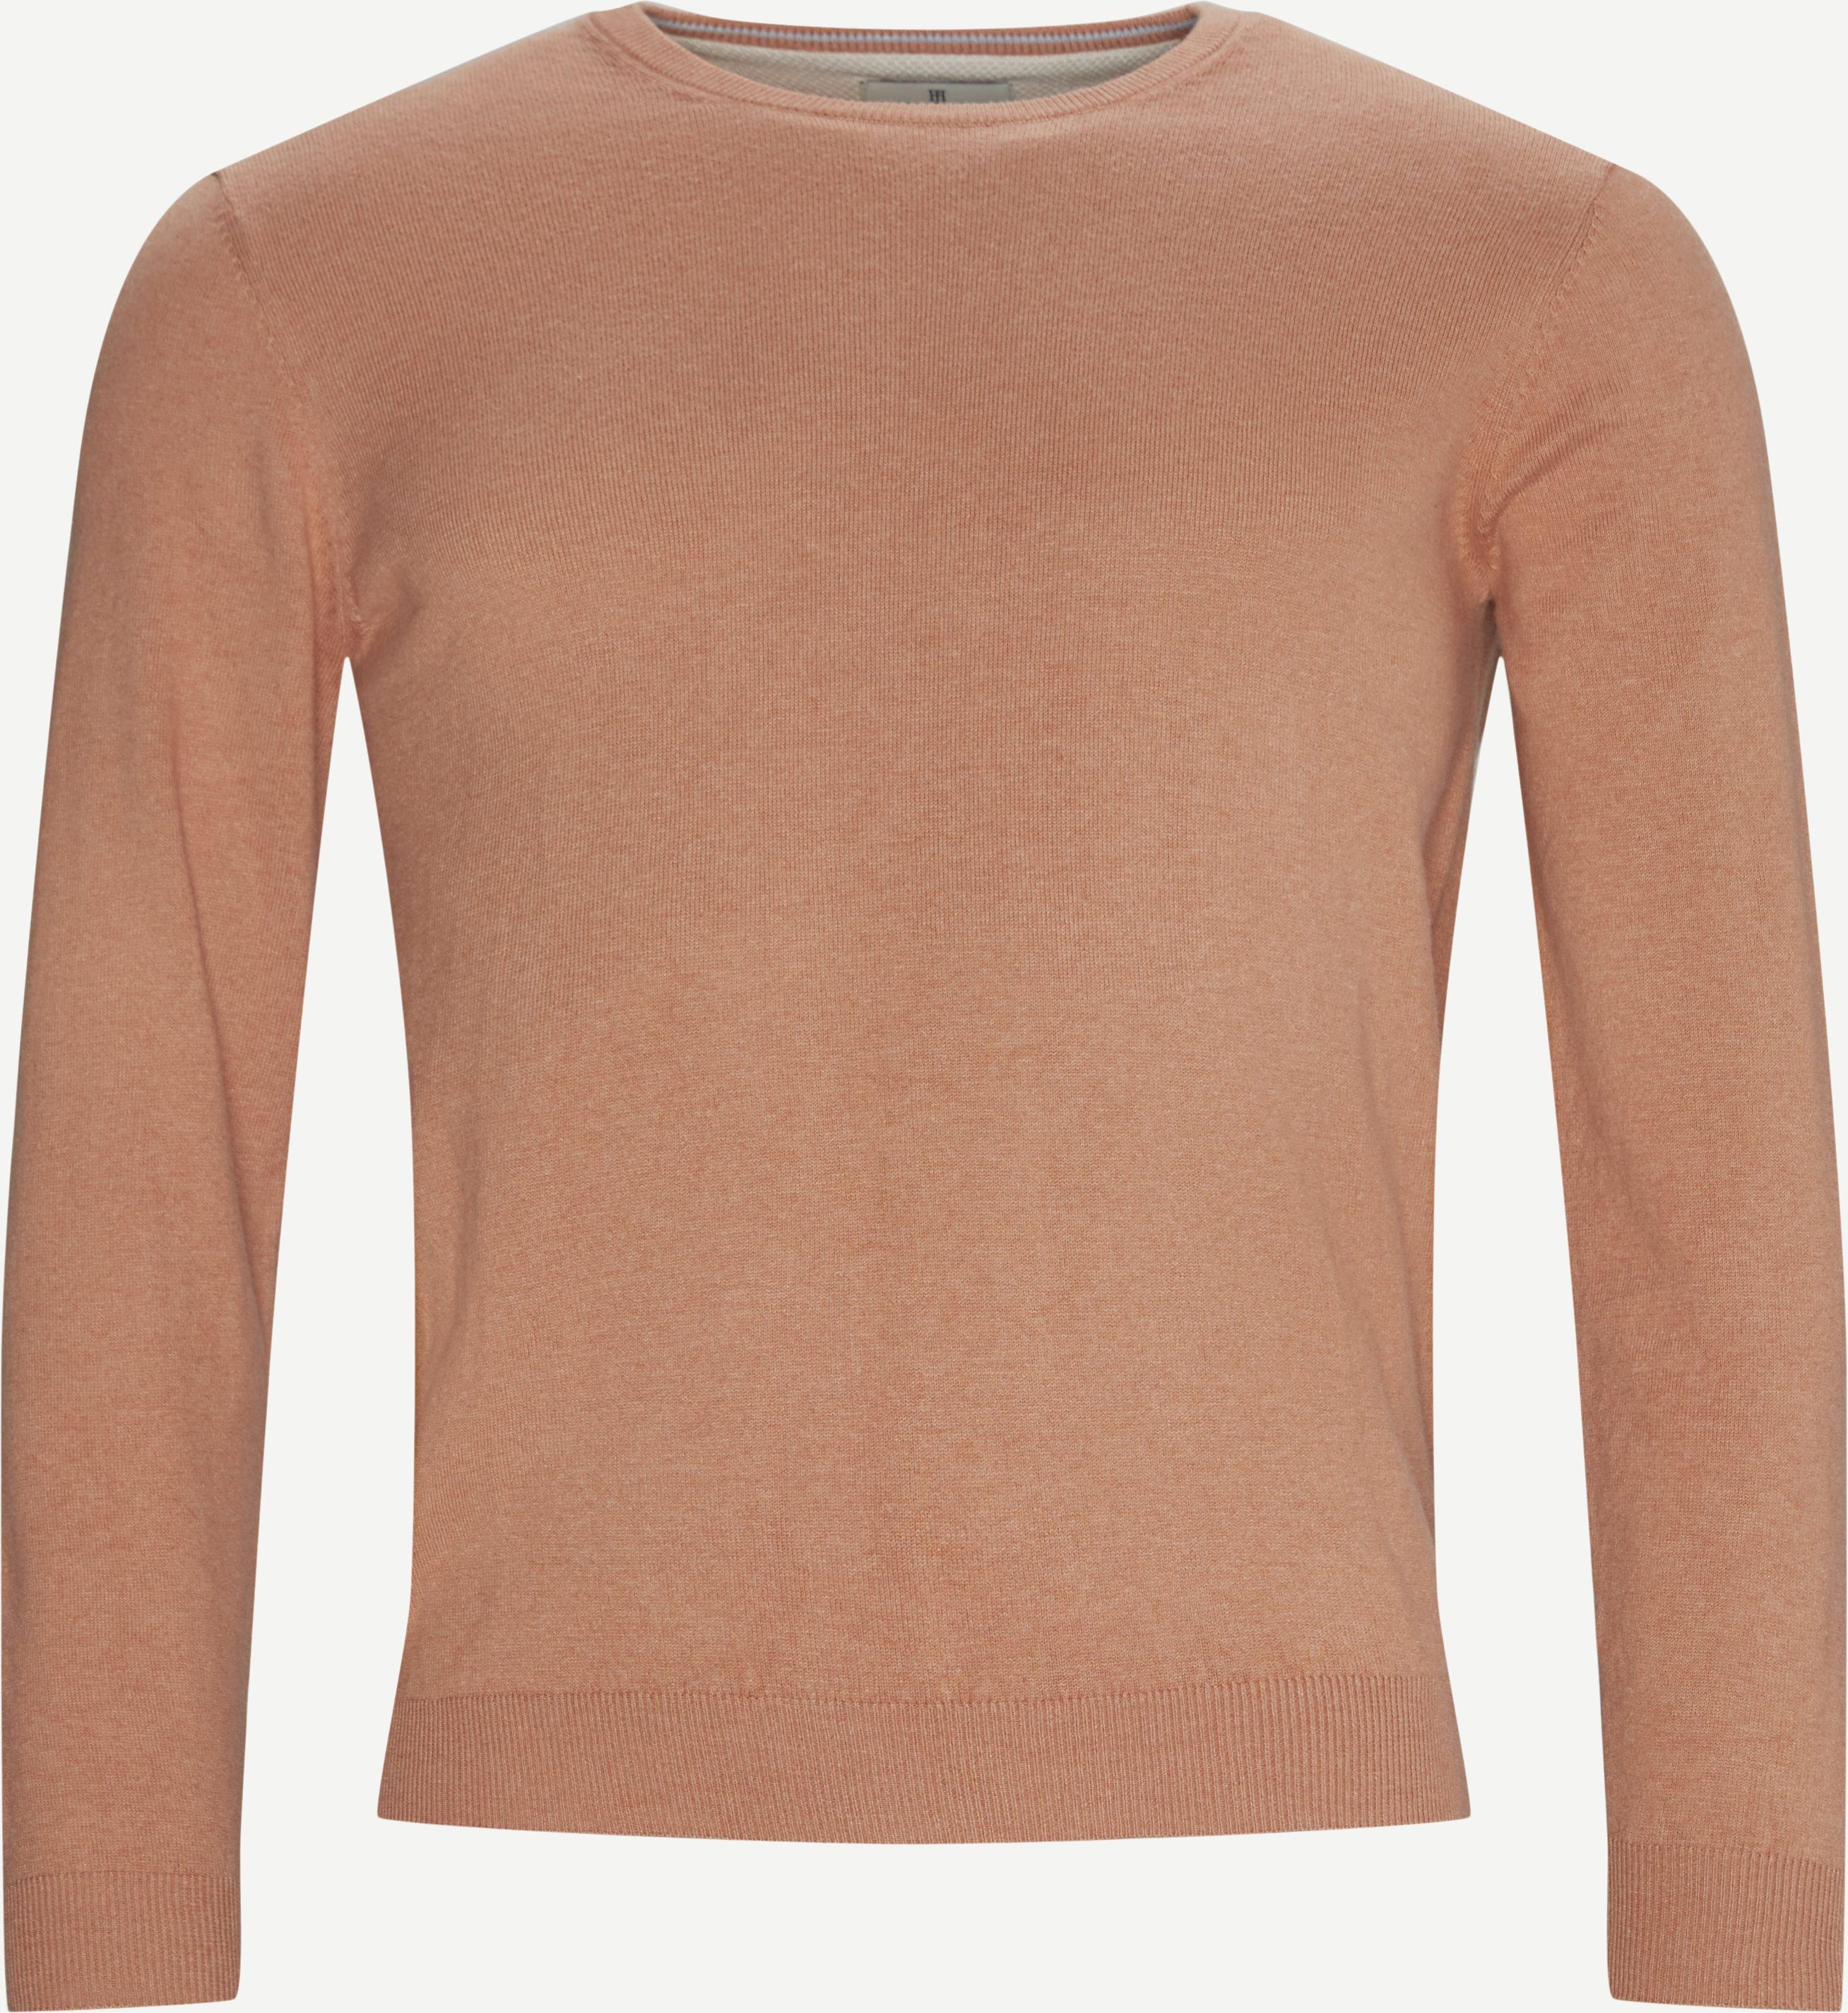 Cashmere Crewneck Strik - Knitwear - Regular fit - Red